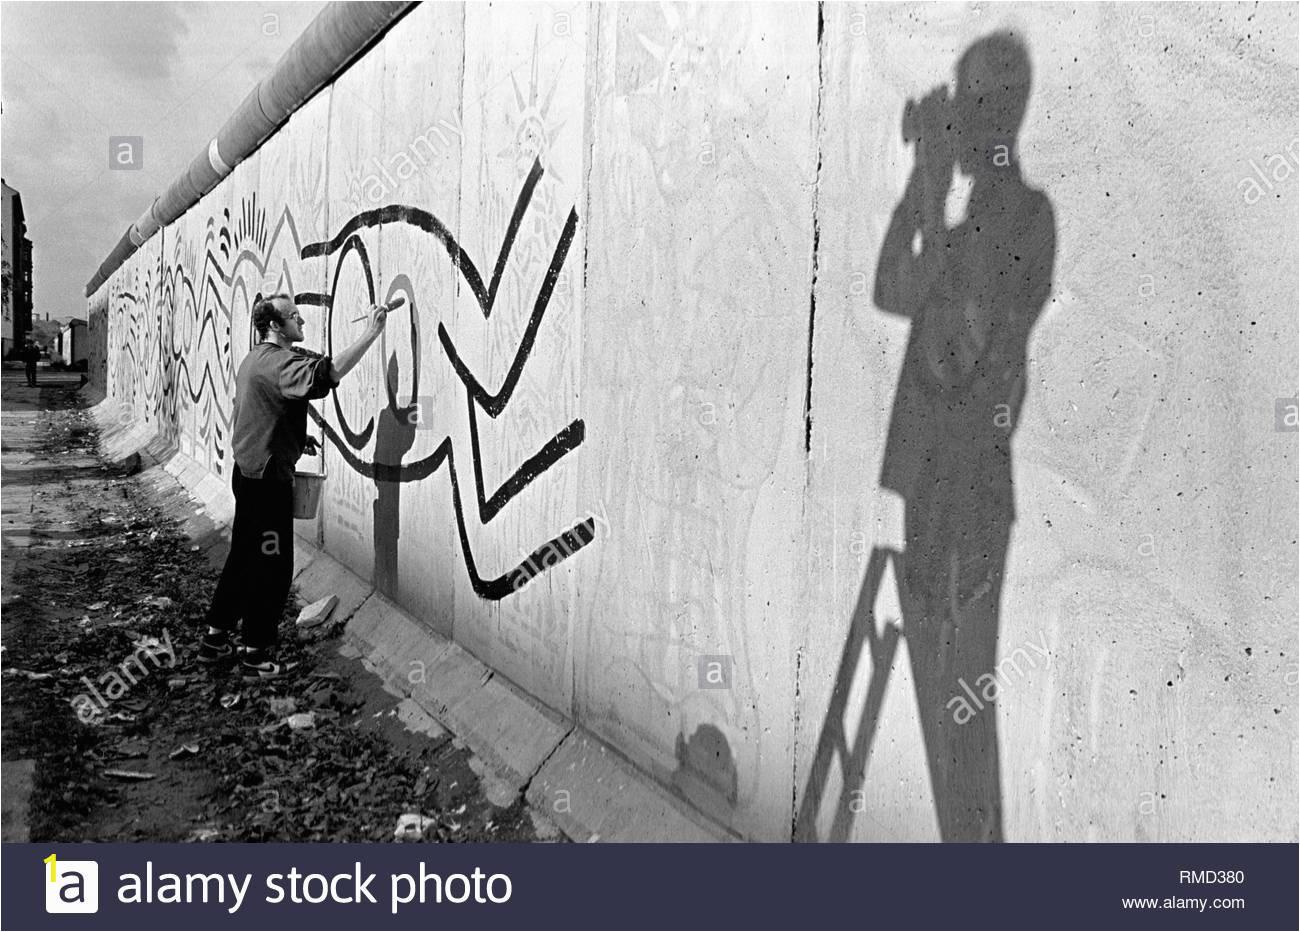 der amerikanische kunstler keith haring 100 m der berliner mauer in der nahe des grenzubergang ckeckpoint charlie im stadtteil kreuzberg gemalt rmd380